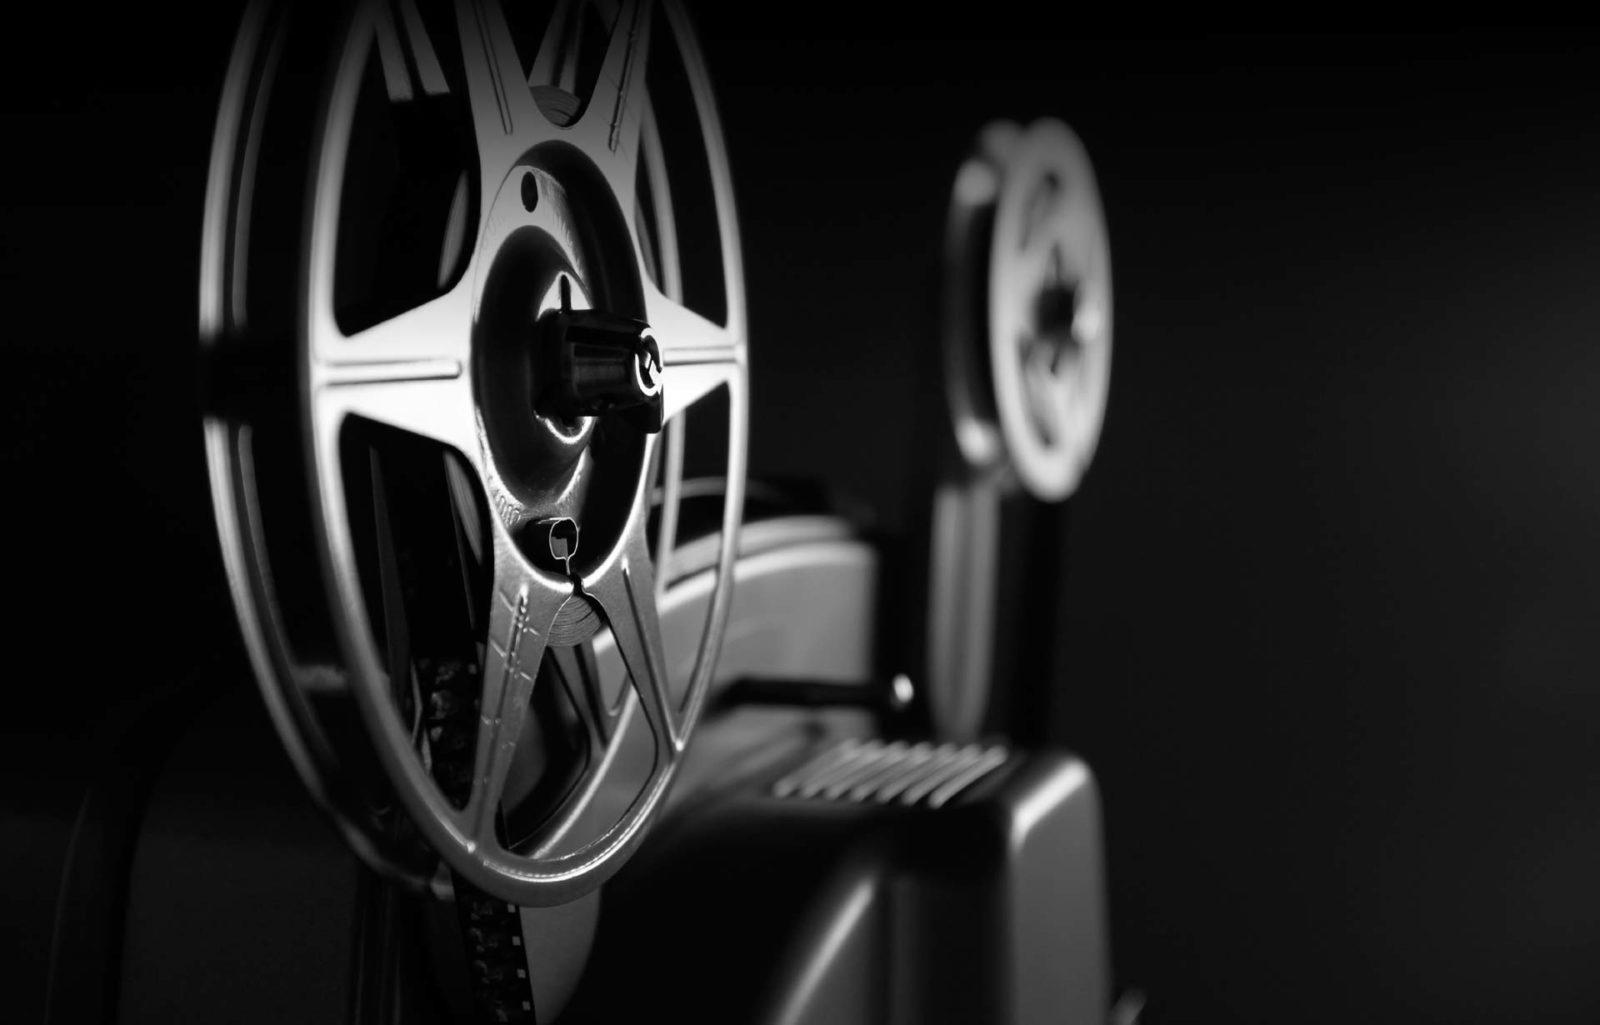 Cinéma – Accord trouvé sur la diffusion des films : artistes et spectateurs en sortent gagnant !